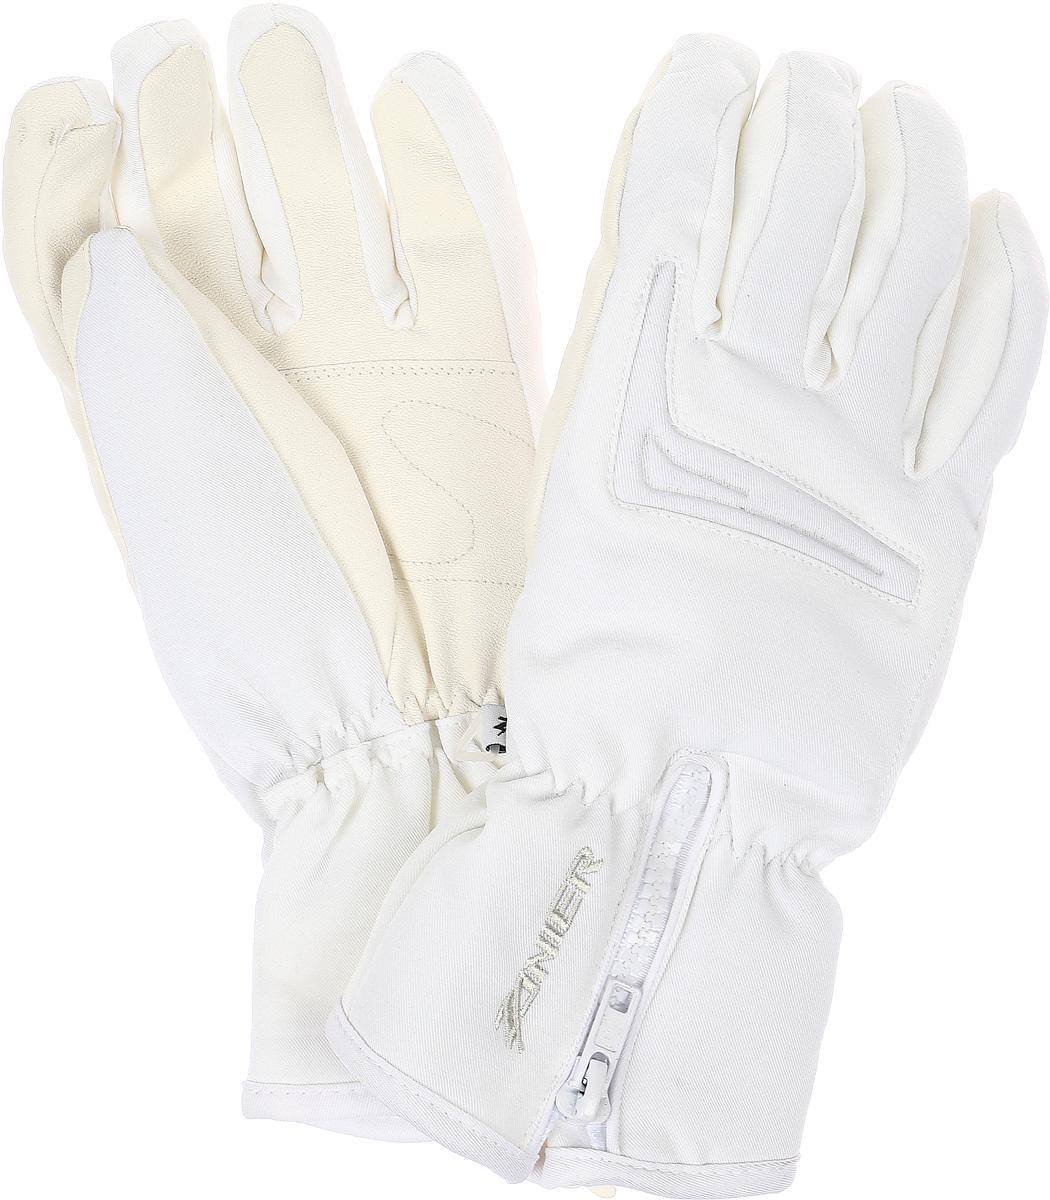 Перчатки26032Горнолыжные перчатки женские REITH.ZX DA Перчатки предназначены для занятий активными видами спорта и для носки в городе в холодную погоду. - Анатомический крой - Усиление большого пальца - Резинка по запястью - Регулировка по манжету на молнии - Мембрана обеспечивает защиту от намокания, отведение влаги и сохраняет руки сухими и теплыми во время занятий спортом Австрийская компания ZANIER производит аксессуары для активных видов спорта более 30 лет и на сегодняшний день является лидером продаж на Австрийском рынке и входит в четверку сильнейших производителей Европы. Перчатки ZANIER надежны, разработаны и протестированы в горах профессиональными спортсменами. Компания является официальным поставщиком сборной команды Австрии по сноуборду.